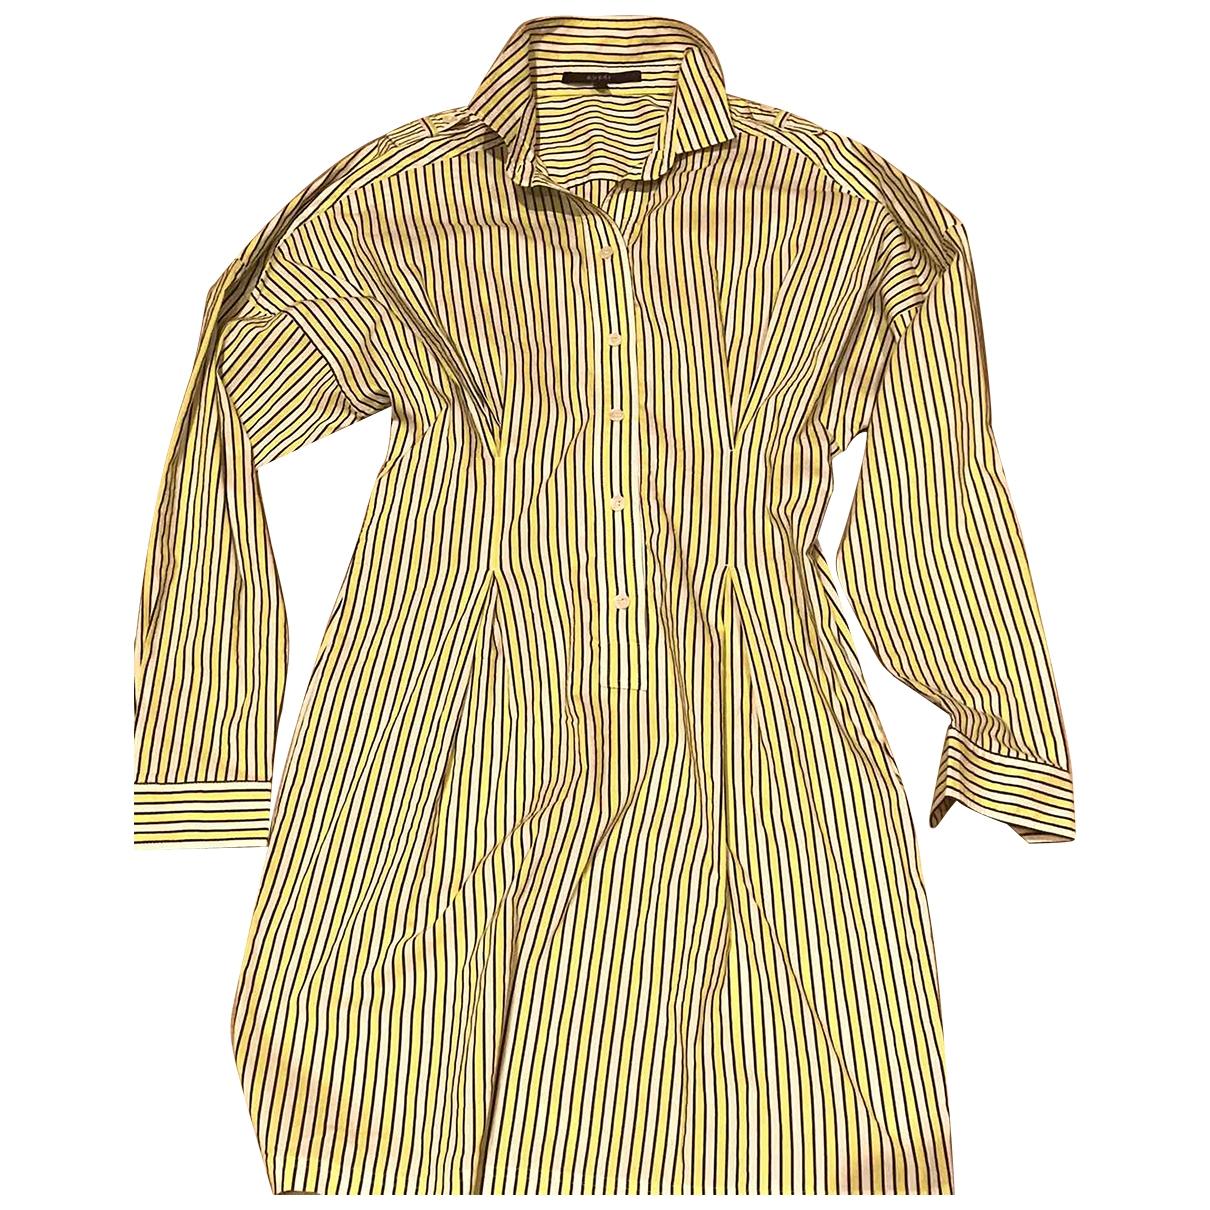 Gucci \N Kleid in Baumwolle - Elasthan